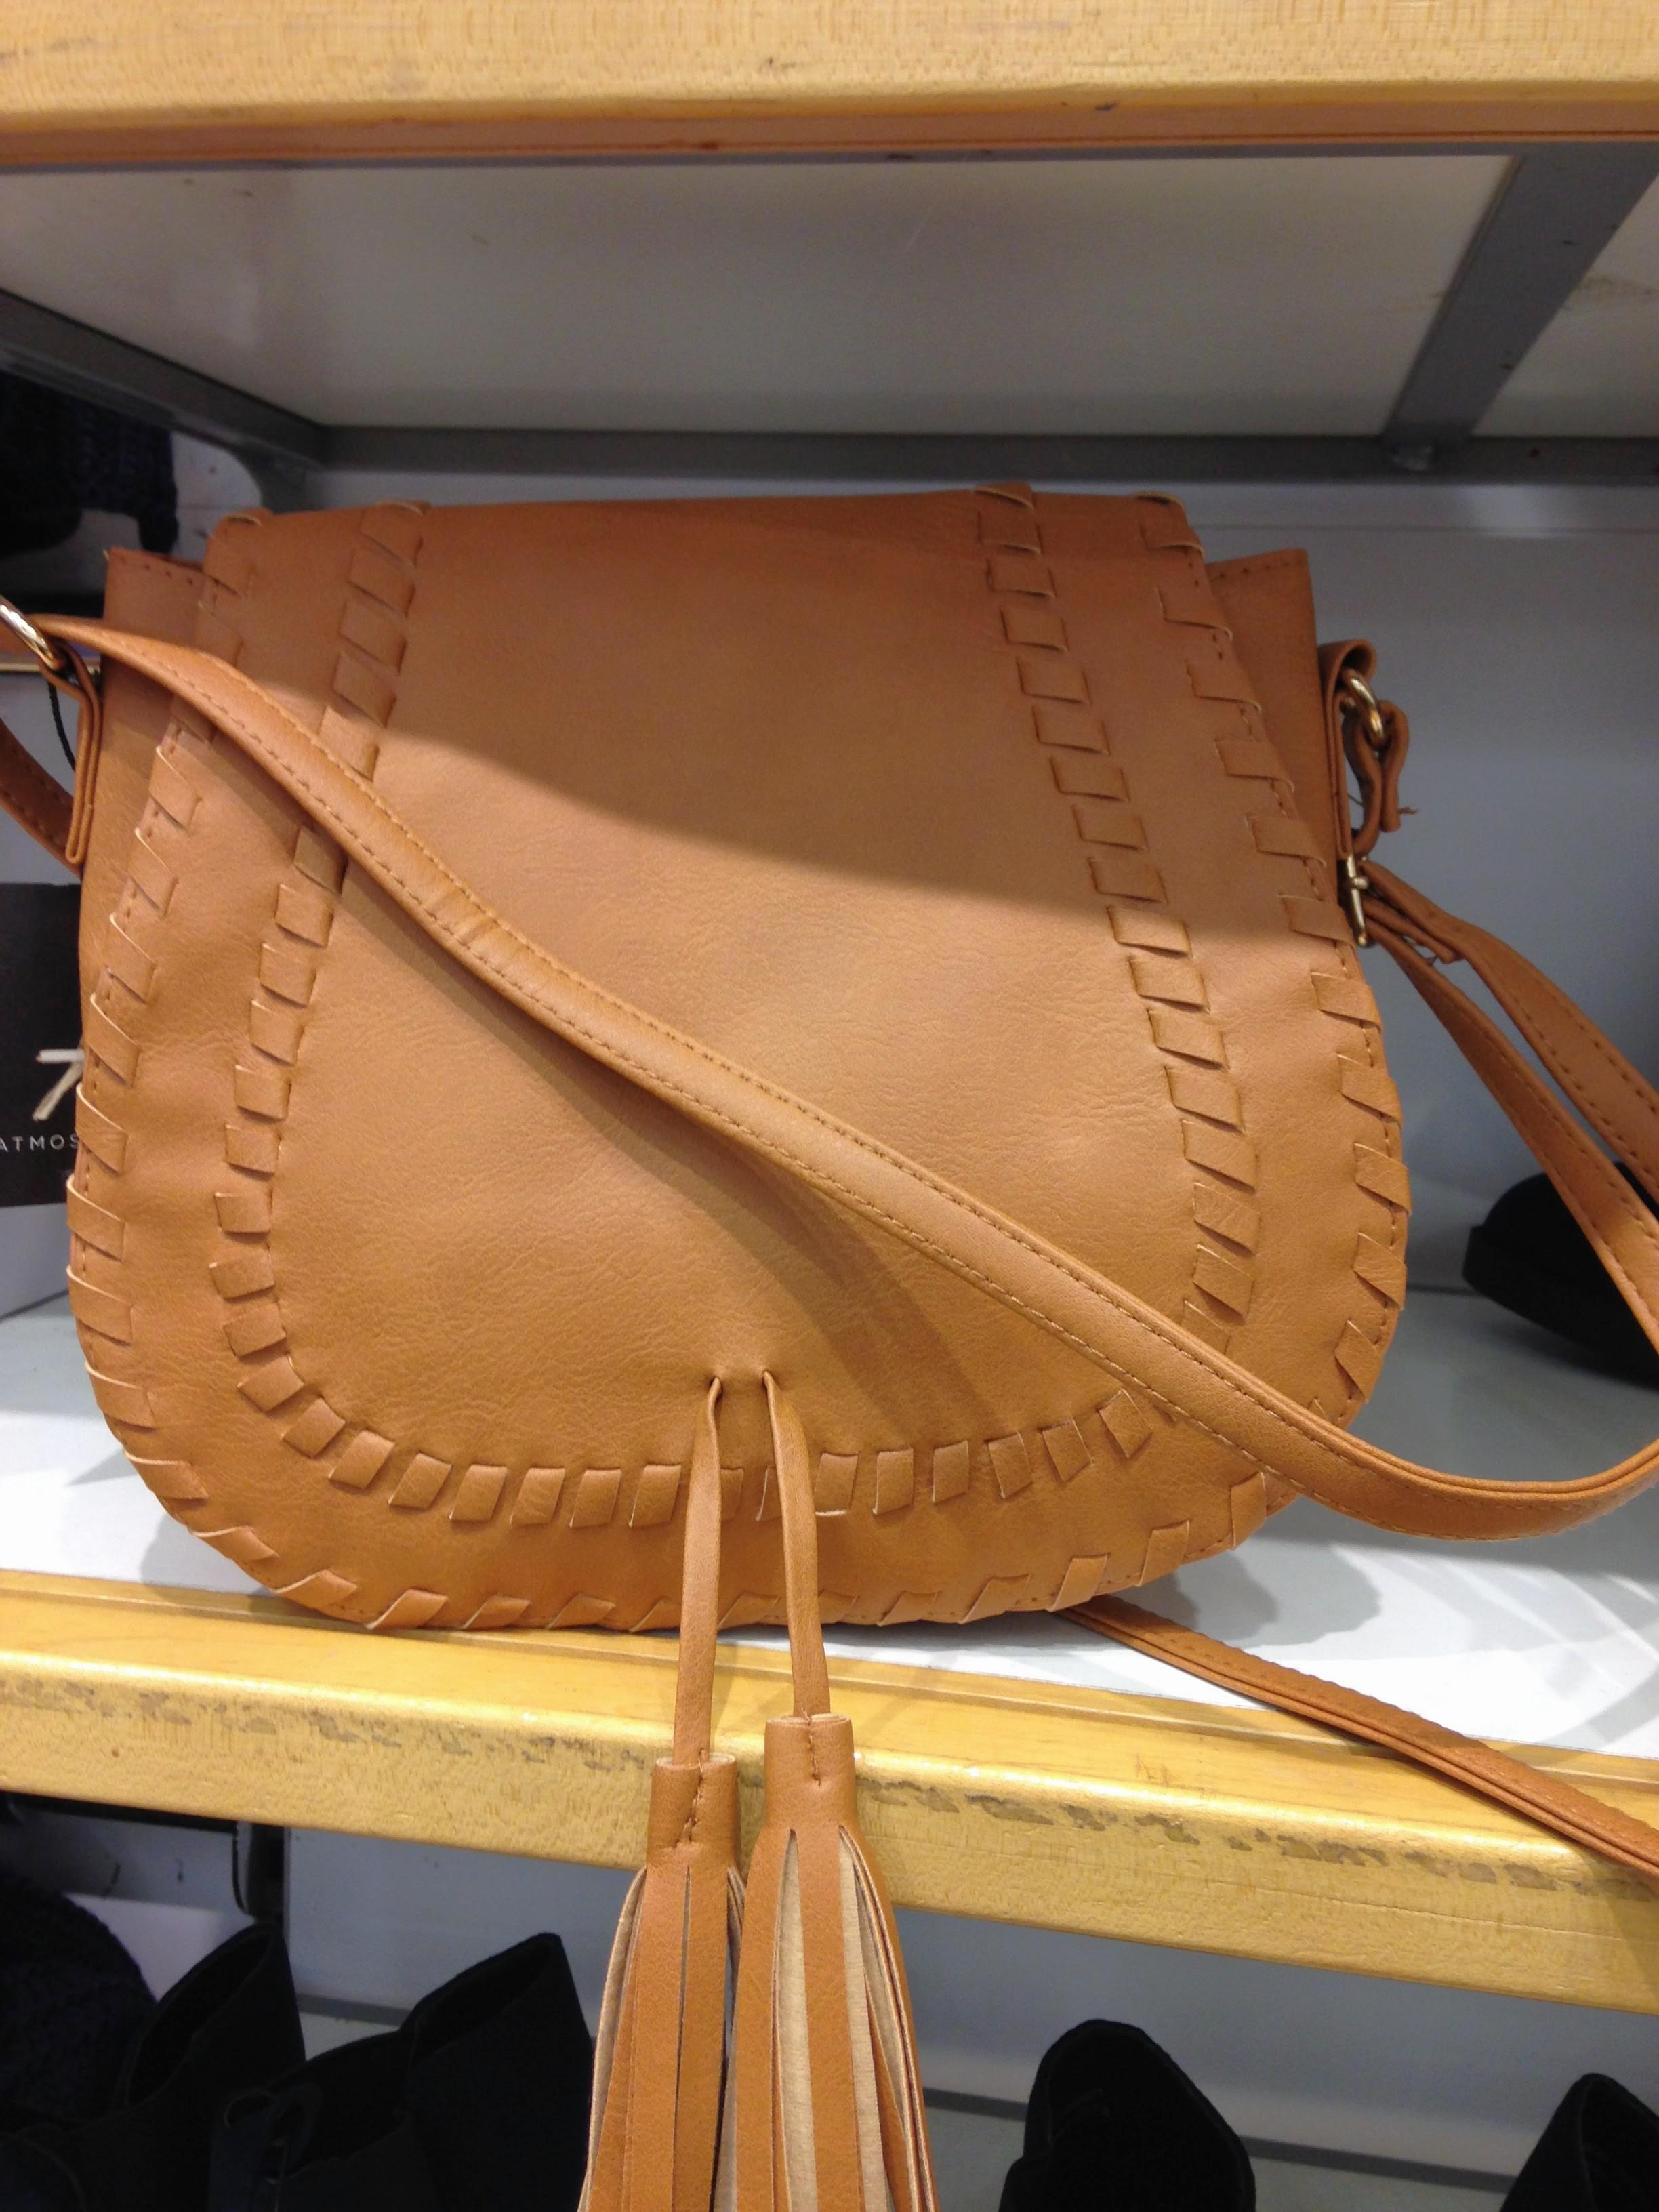 Pennys Tan Bag